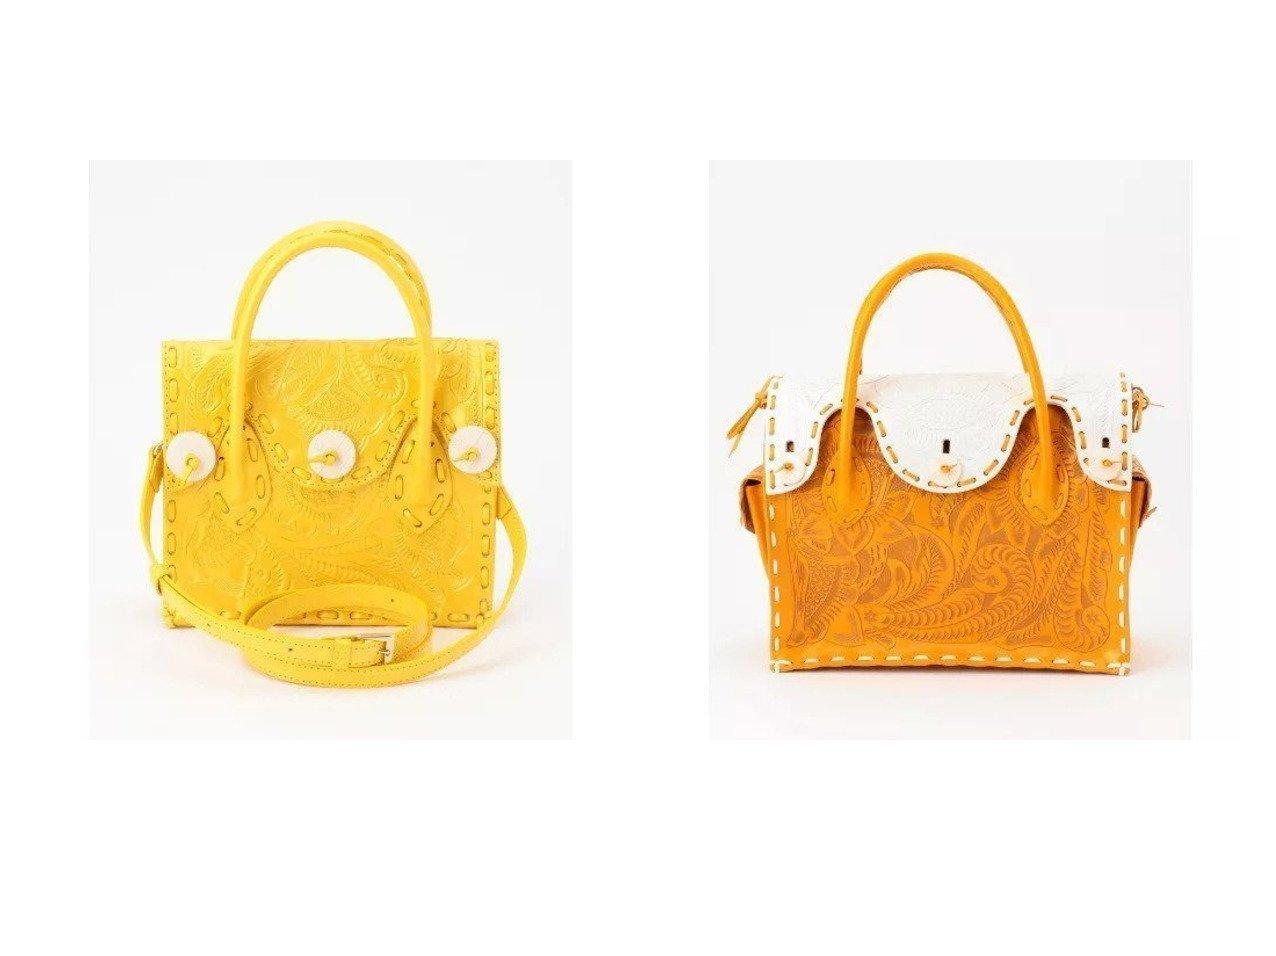 【GRACE CONTINENTAL/グレース コンチネンタル】のMini MS MTLC-21SS&ST Maestra M-21SS GRACE CONTINENTALのおすすめ!人気、トレンド・レディースファッションの通販  おすすめで人気の流行・トレンド、ファッションの通販商品 メンズファッション・キッズファッション・インテリア・家具・レディースファッション・服の通販 founy(ファニー) https://founy.com/ ファッション Fashion レディースファッション WOMEN S/S 春夏 SS Spring/Summer ハンドバッグ |ID:crp329100000020163